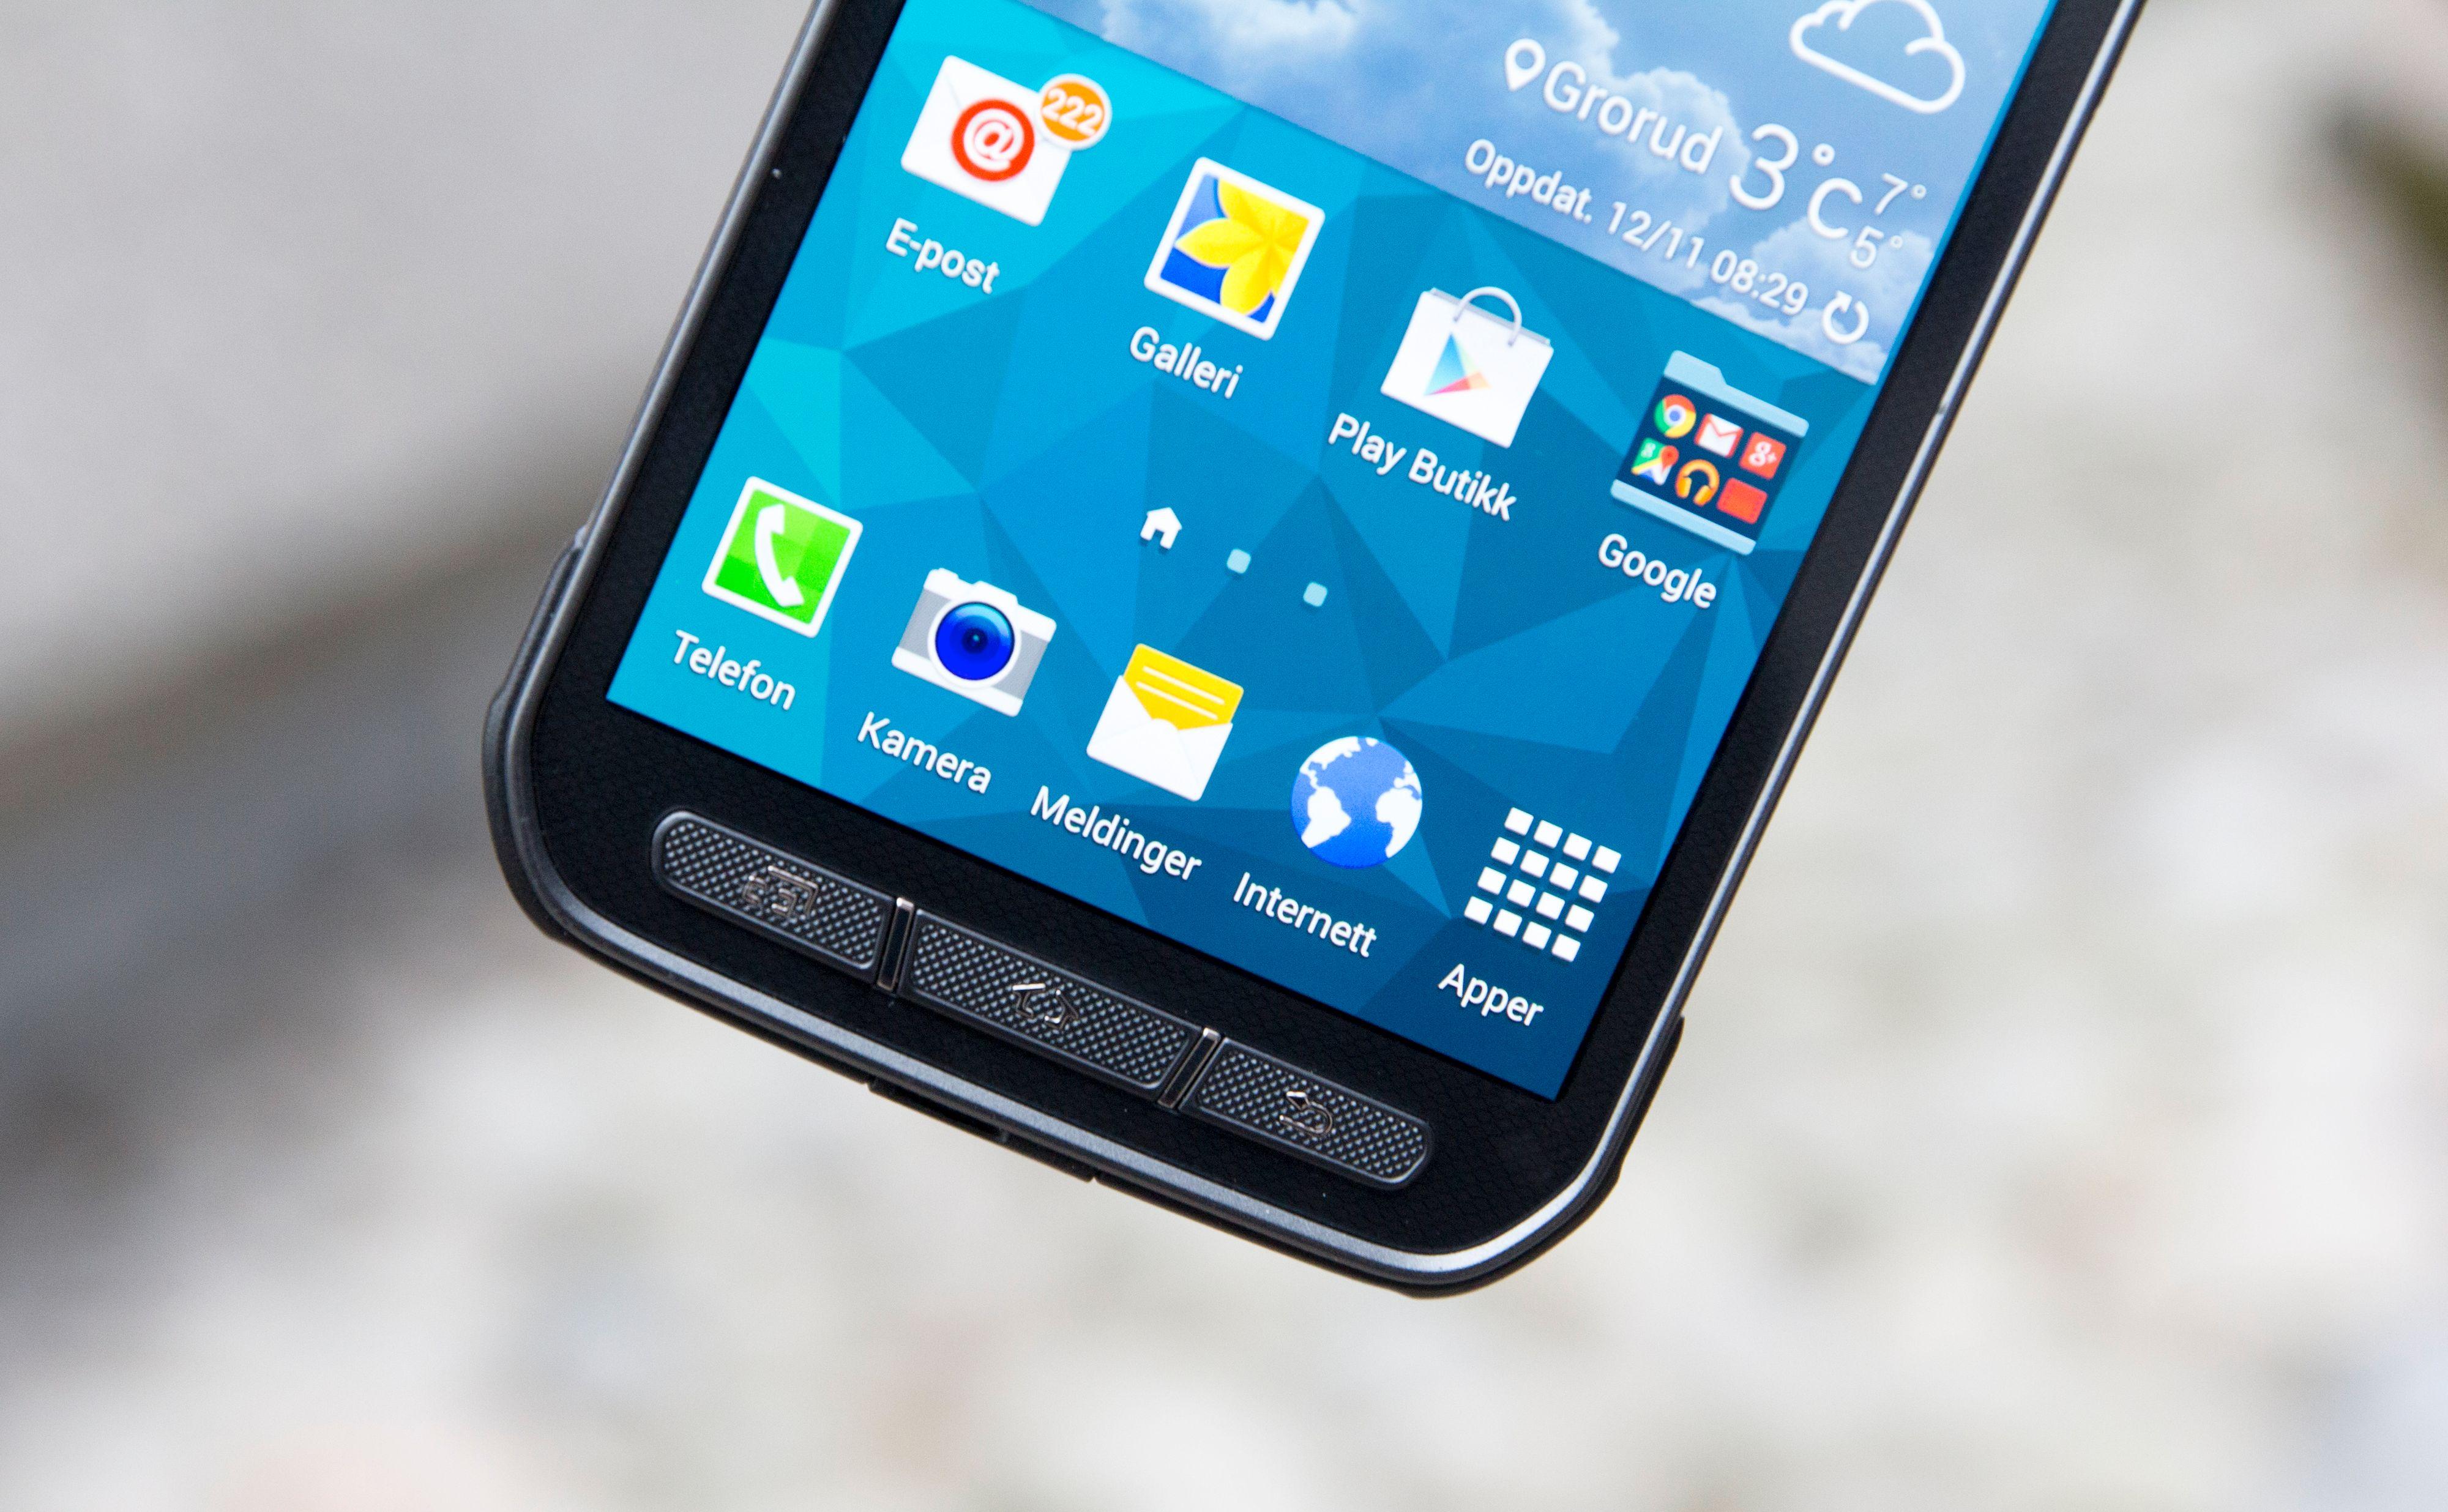 På Galaxy S5 Active er det fysiske knapper som dominerer rundt skjermen.Foto: Kurt Lekanger, Tek.no